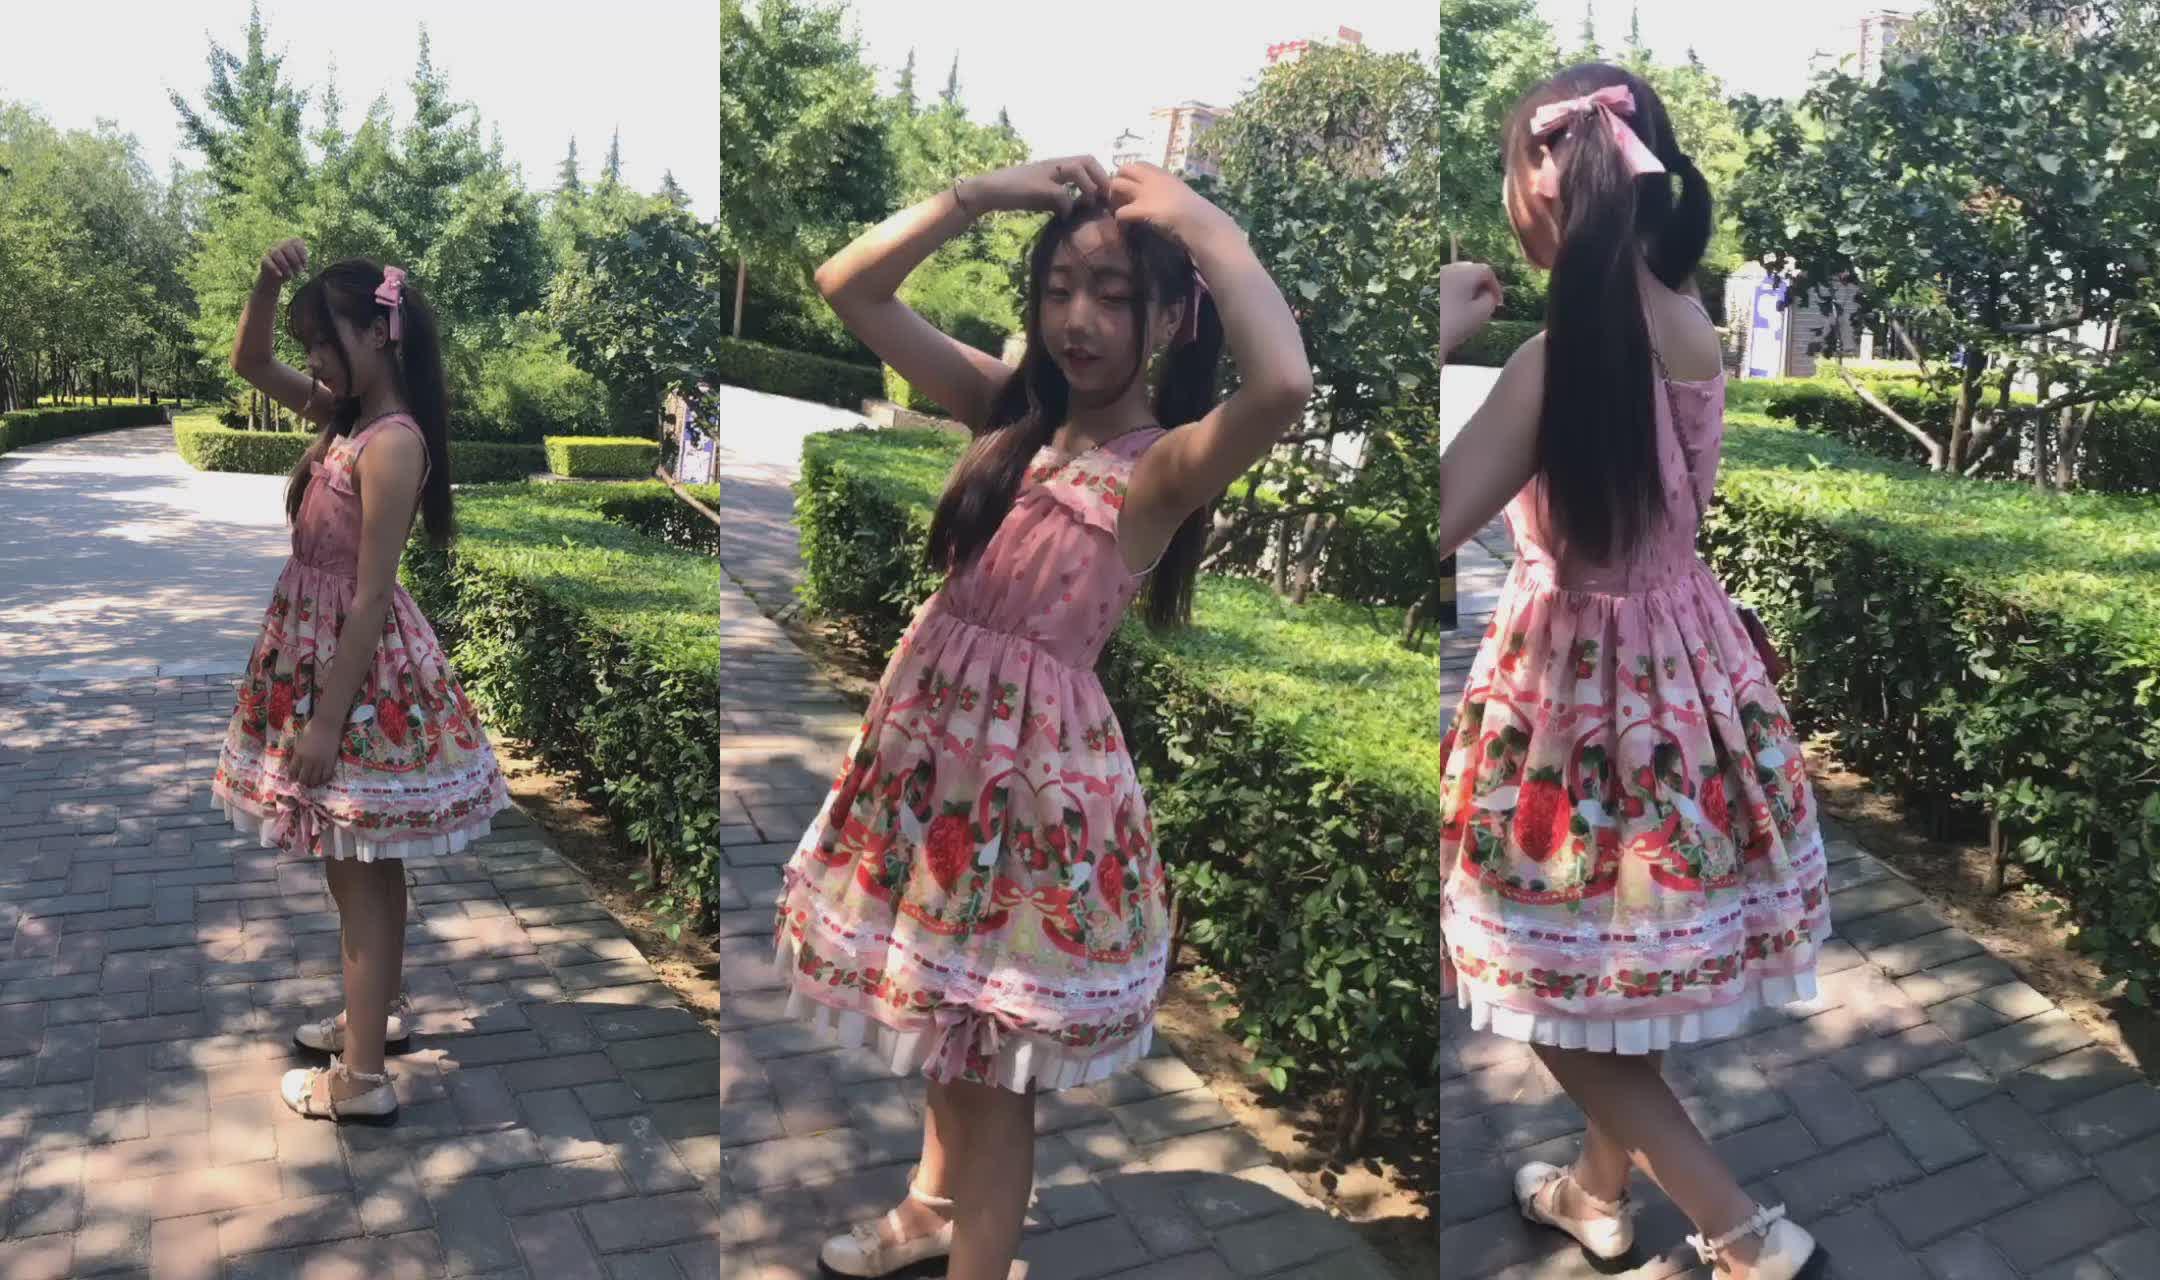 可爱学生妹在沣泾大道39℃高温下露脸脱光跳舞